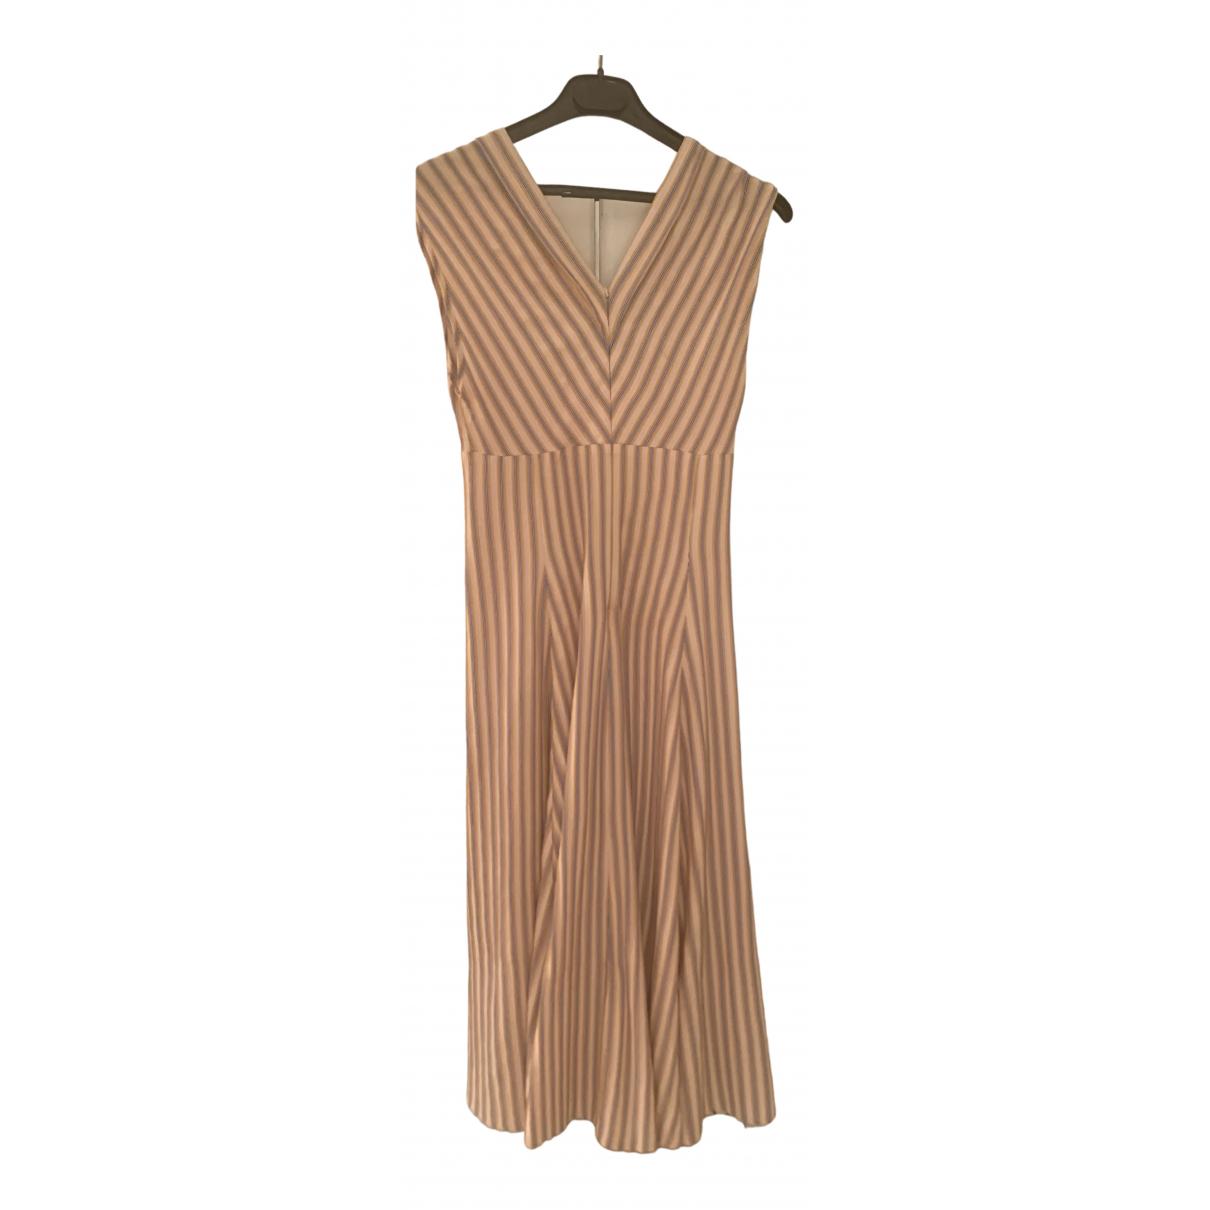 Sandro \N Kleid in  Beige Baumwolle